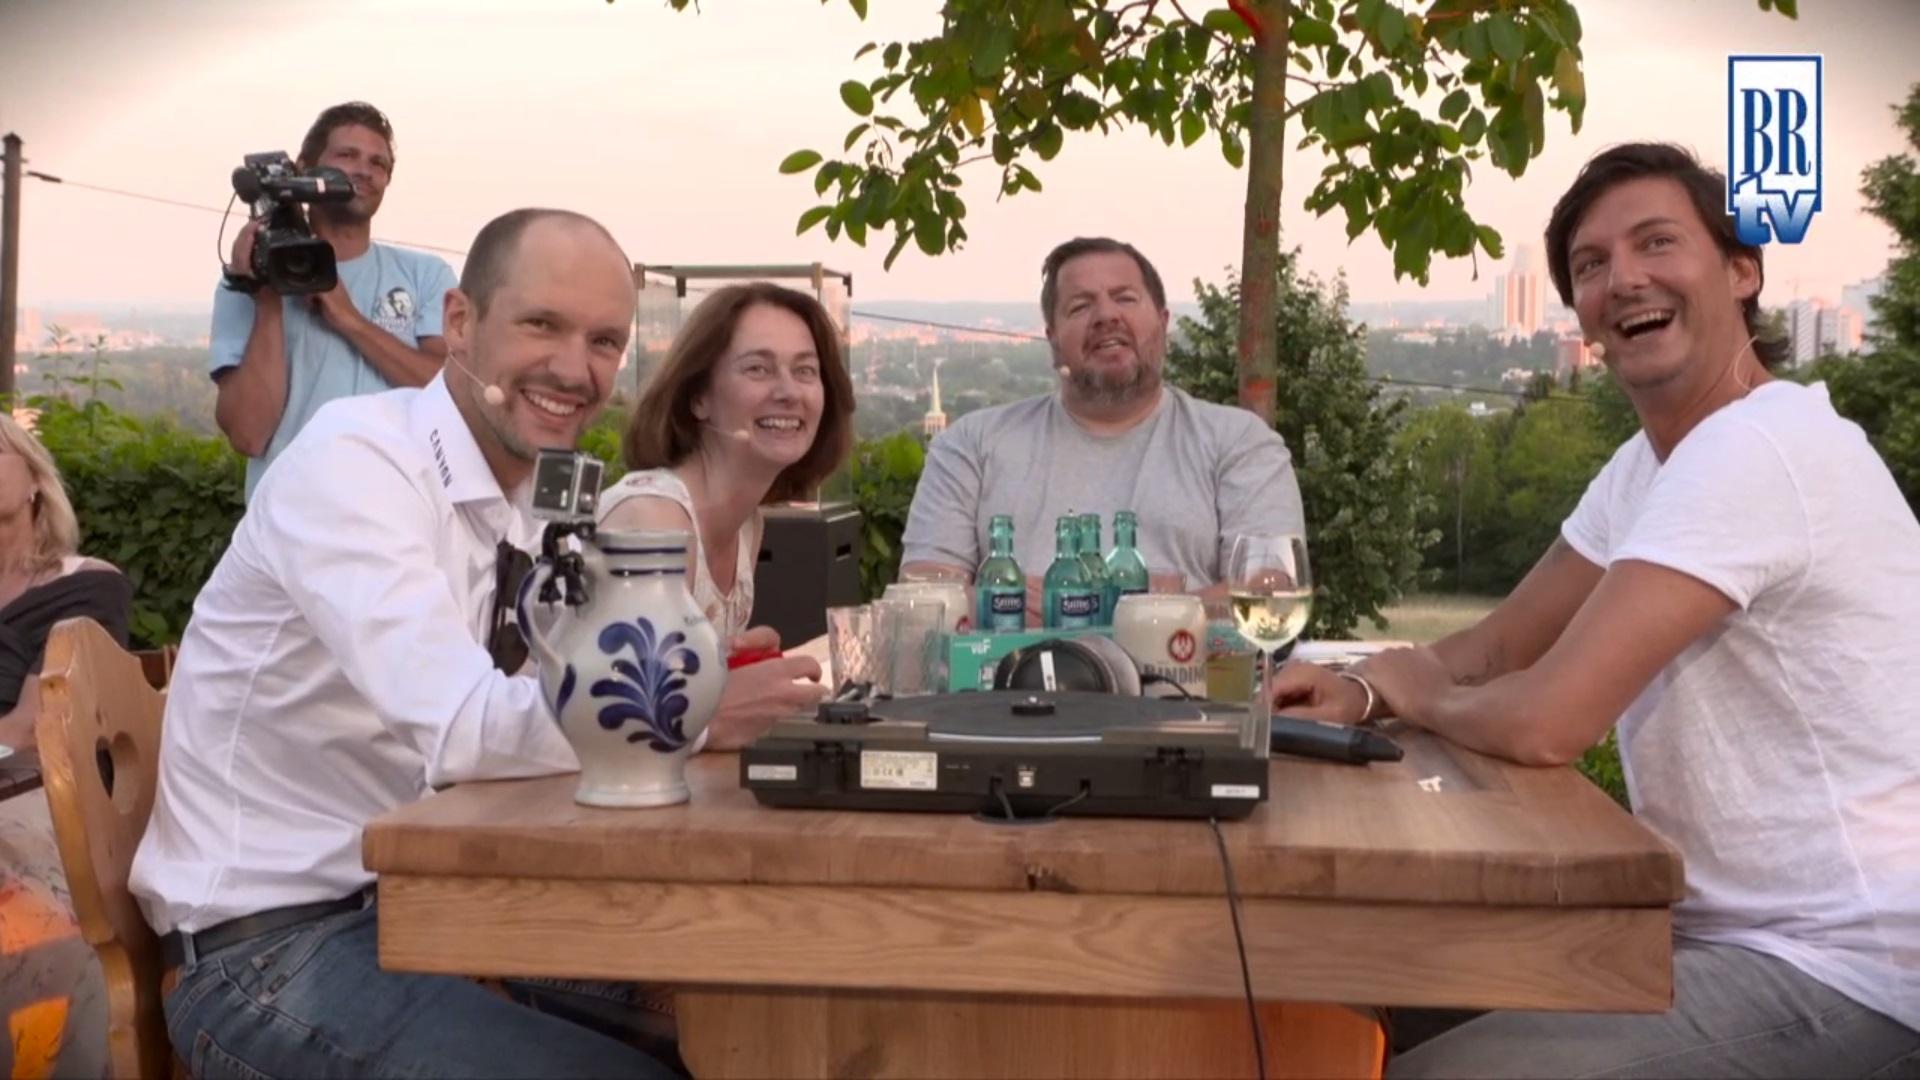 Bembel & Gebabbel – Folge 35 mit Dr. Katarina Barley, Silvio D´Anza, Patrick Lange & Firedancerb